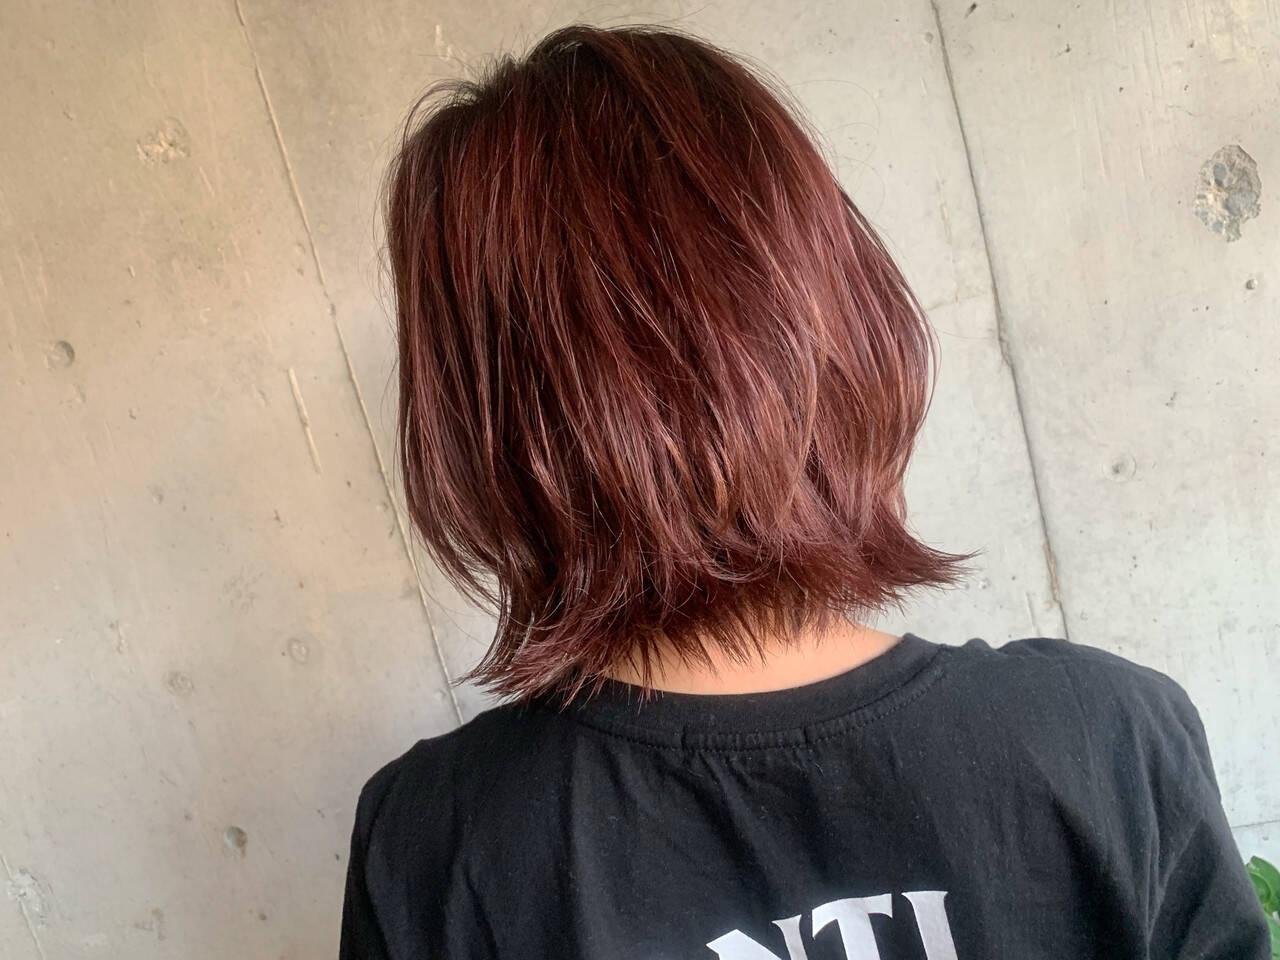 ストリート ピンク ベリーピンク コリアンピンクヘアスタイルや髪型の写真・画像